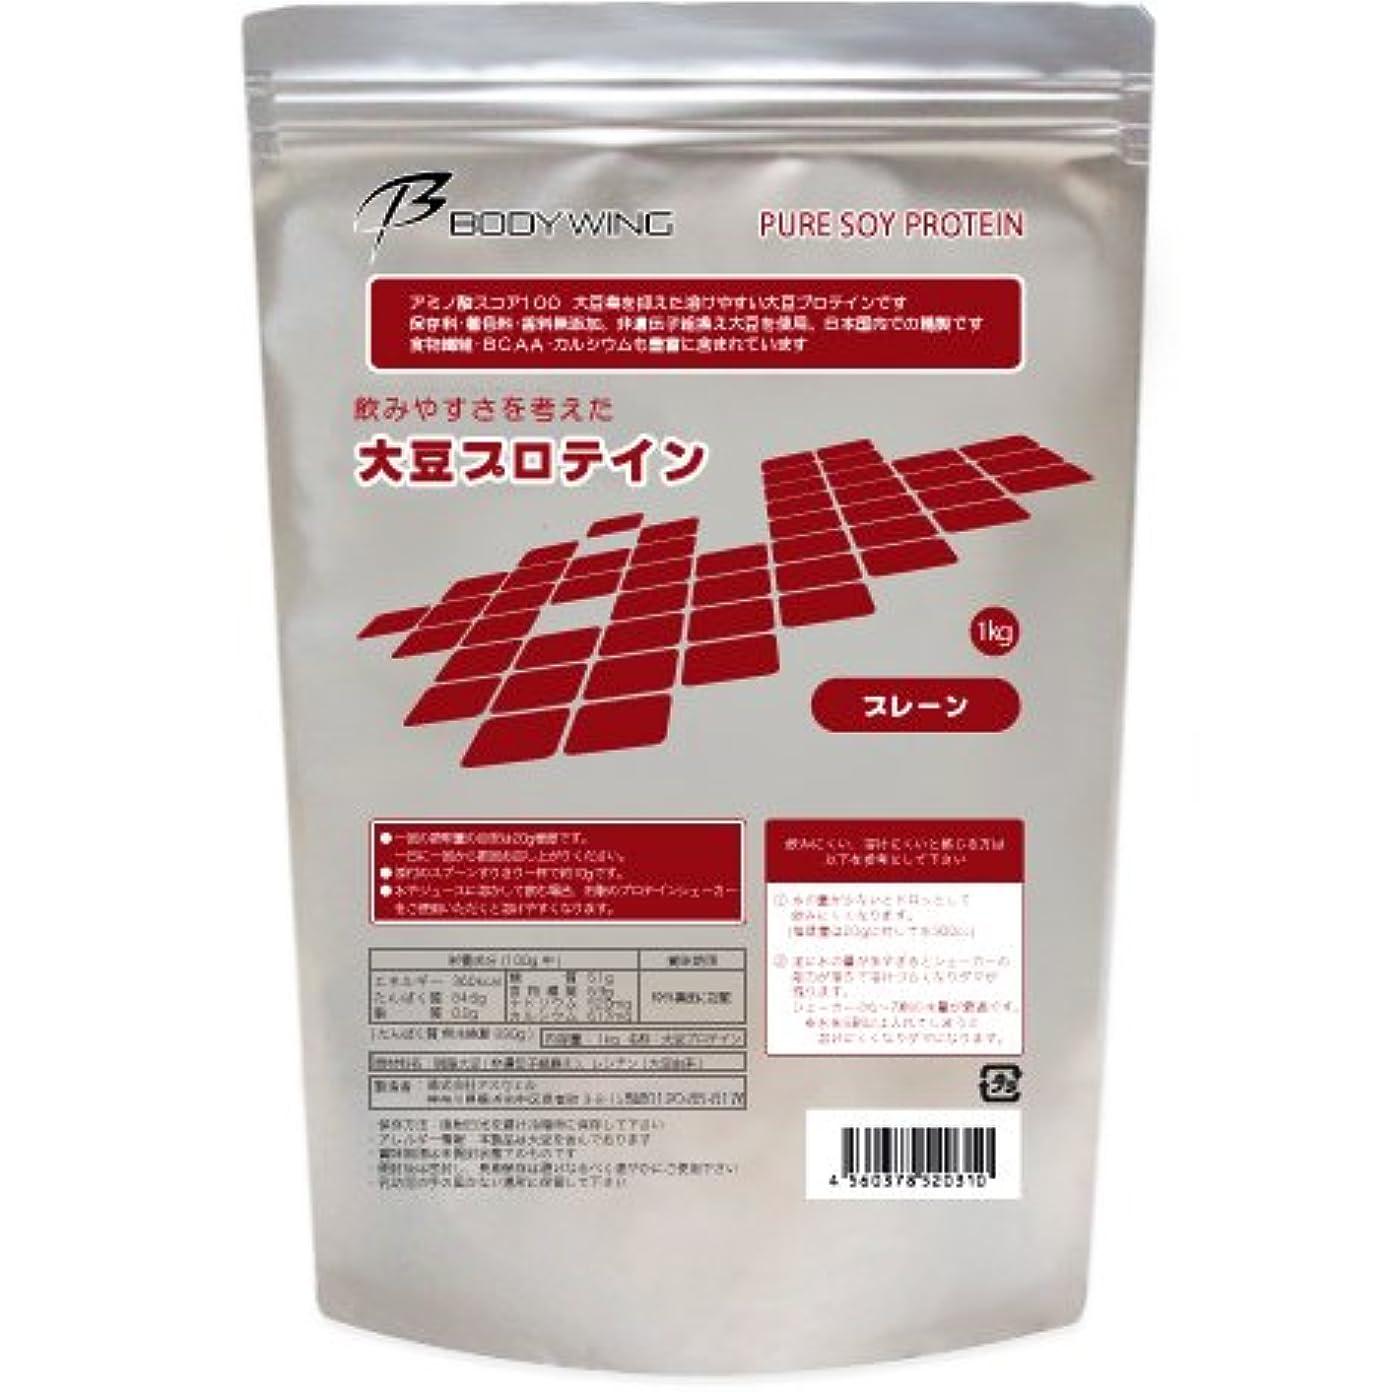 田舎排除然とした大豆プロテイン 1kg 無添加 飲みやすいソイプロテイン